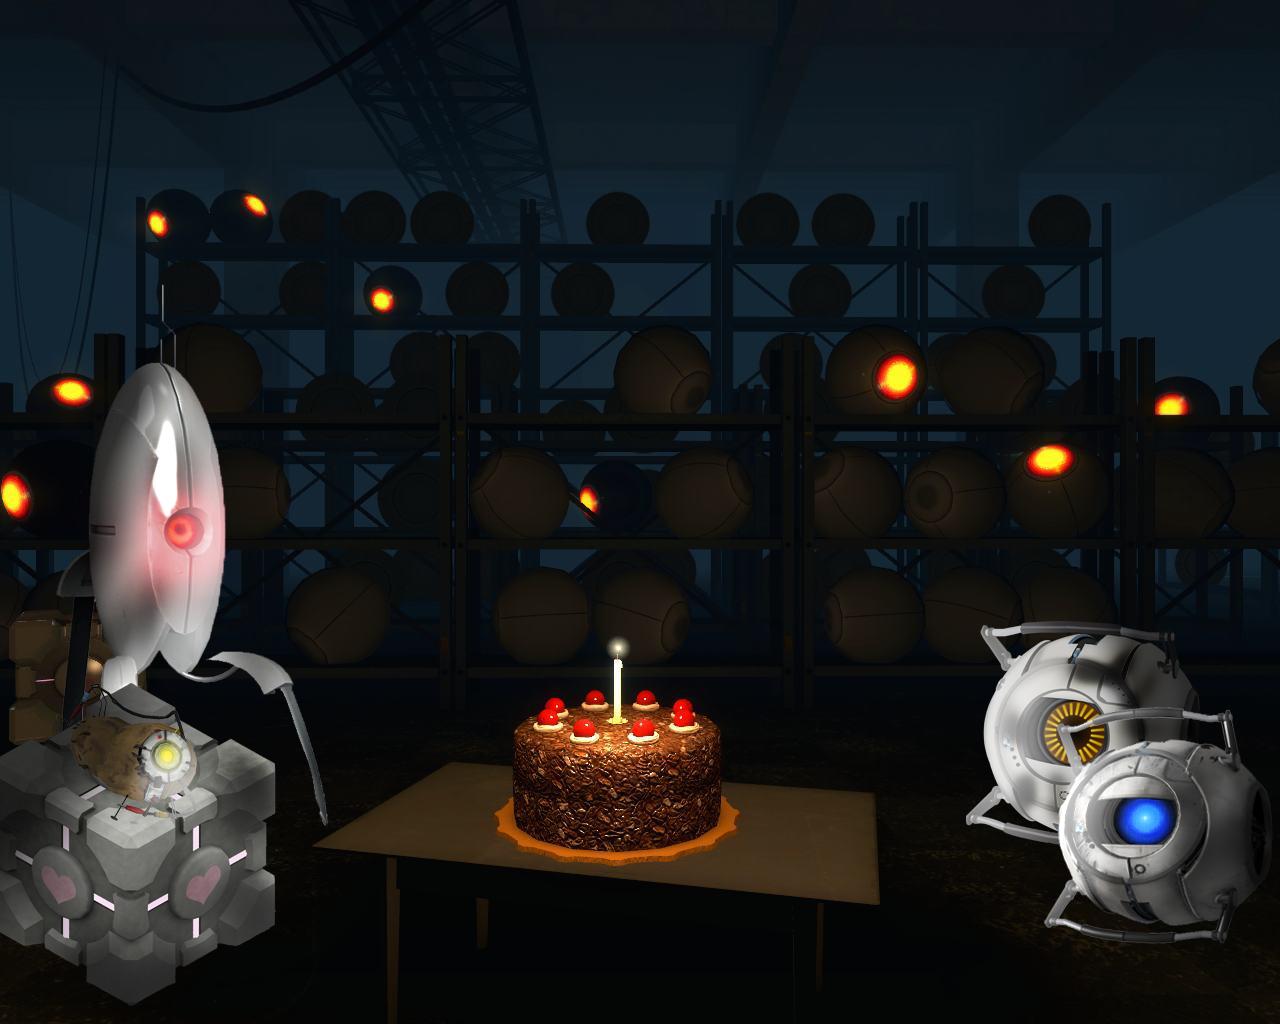 Portal 2 cake gathering